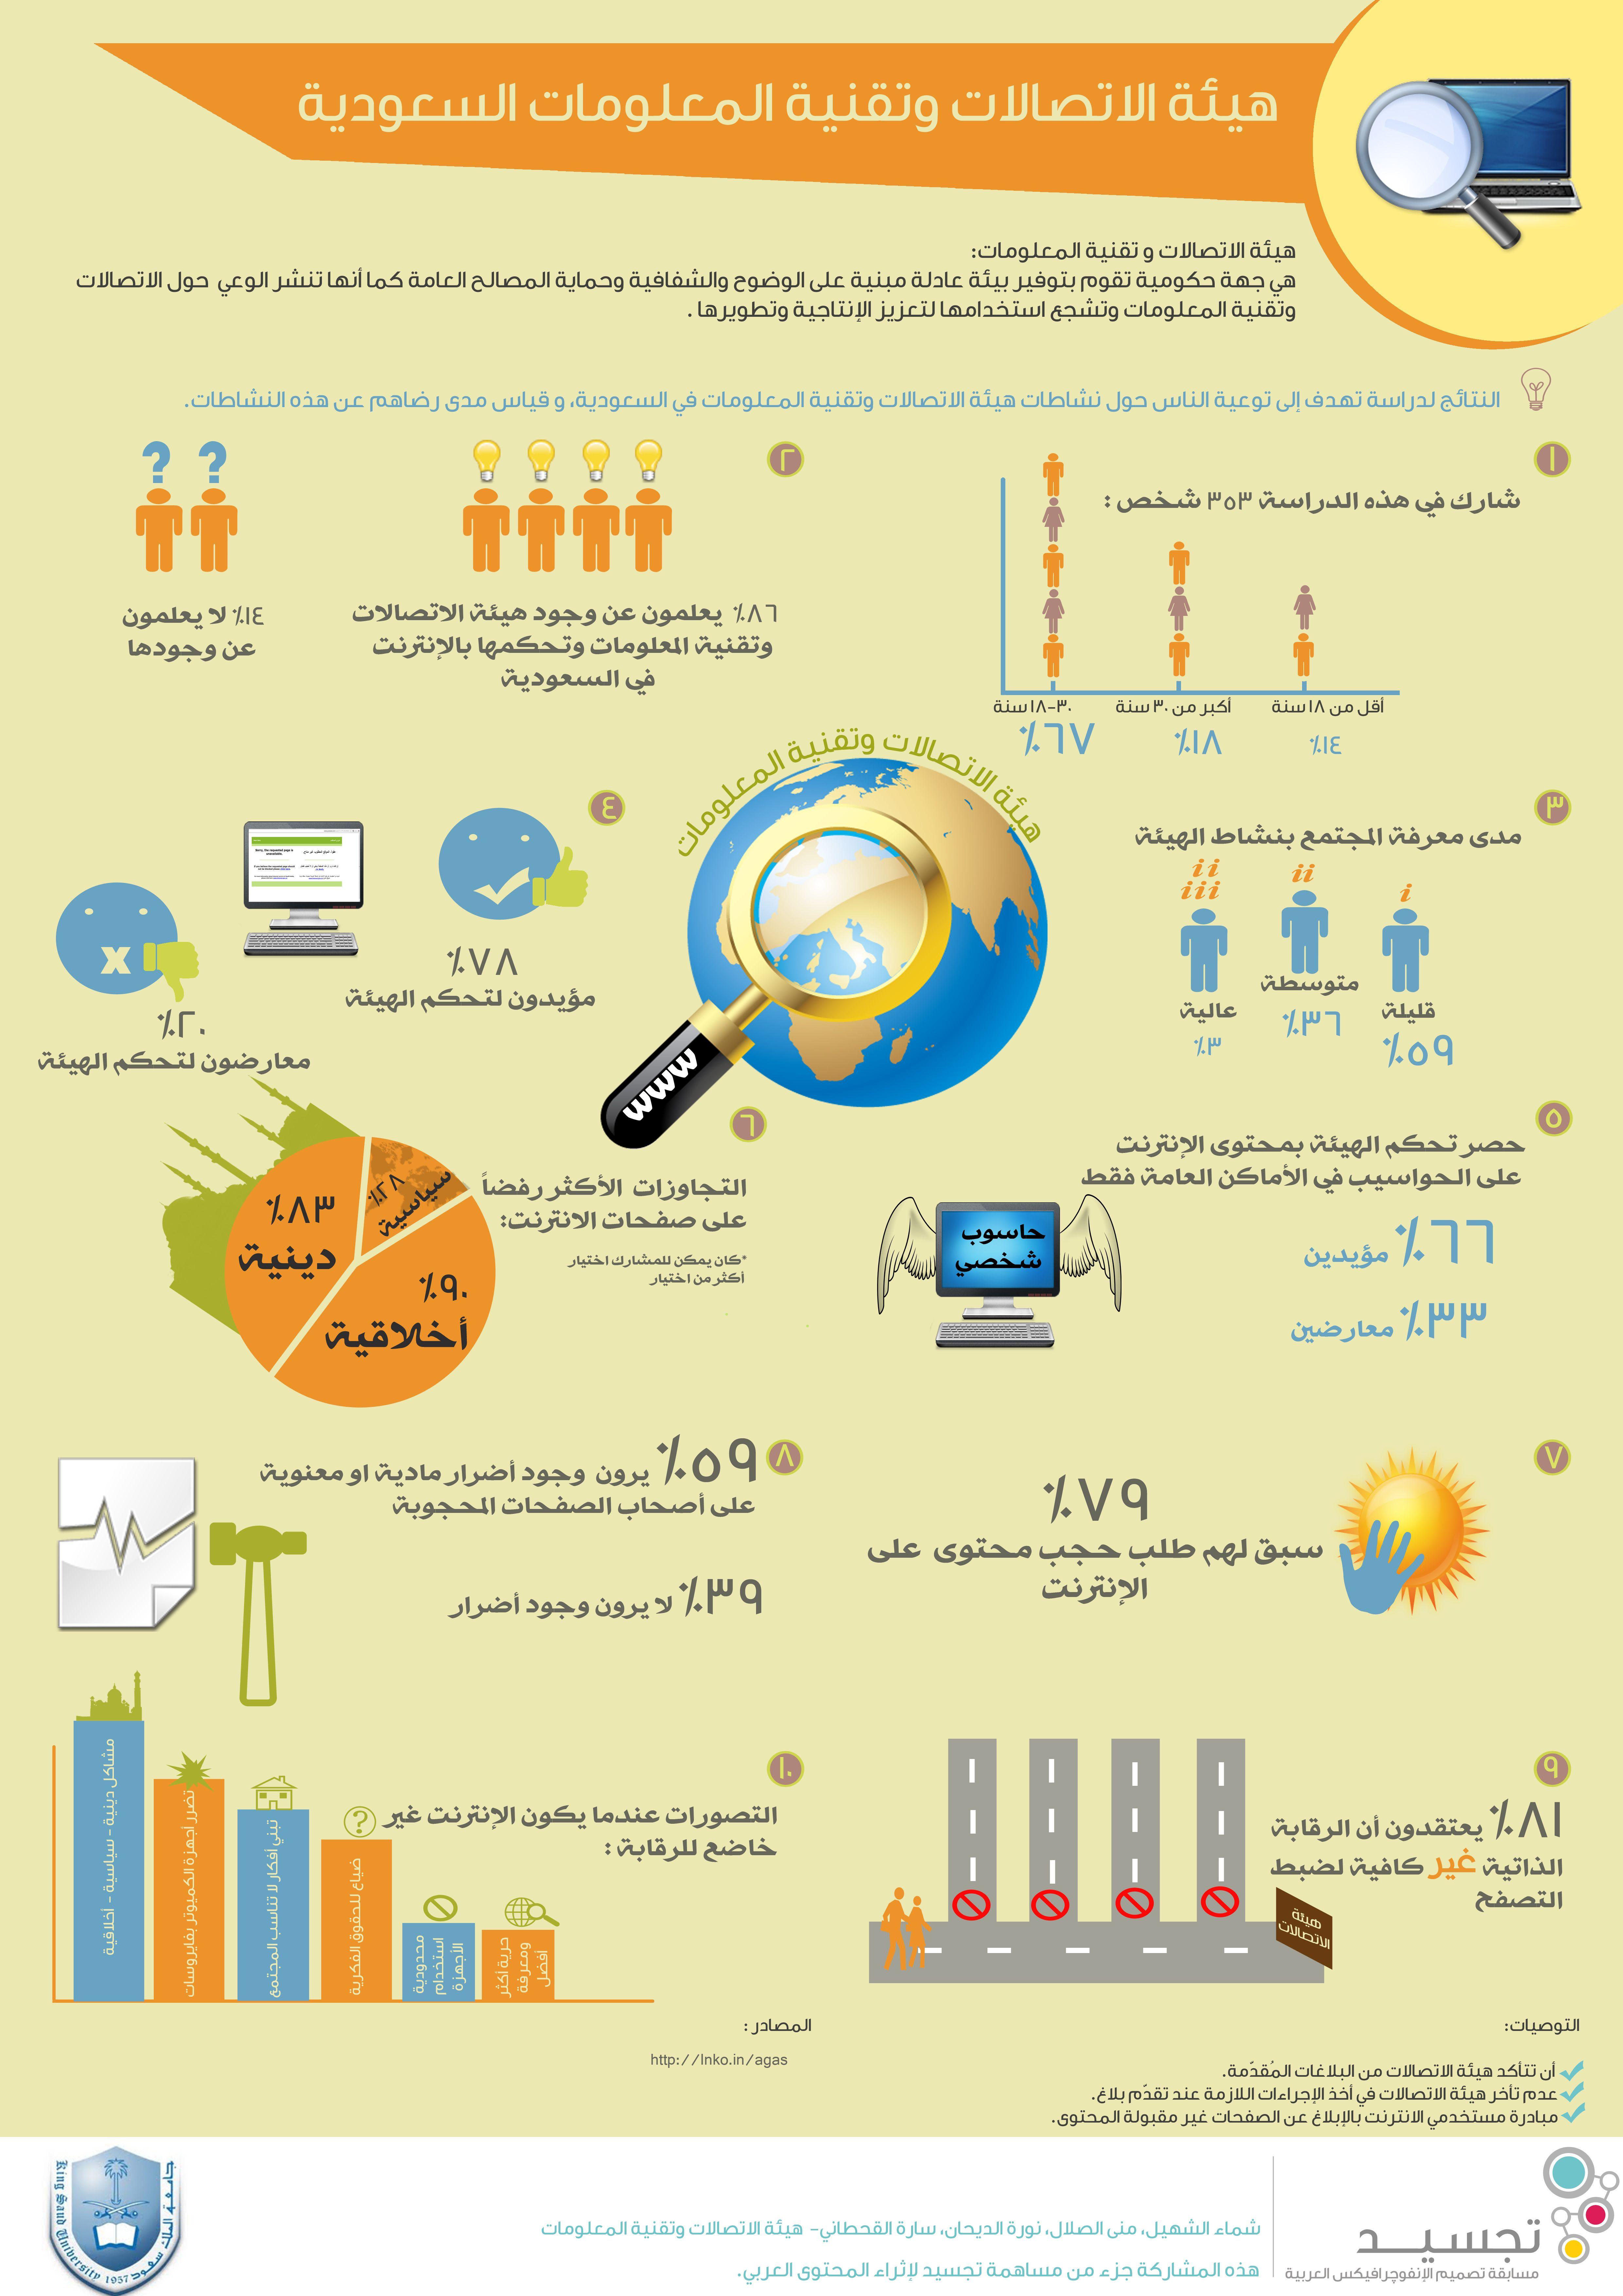 هيئة الاتصالات وتقنية المعلومات في السعودية Infographic Map Map Screenshot